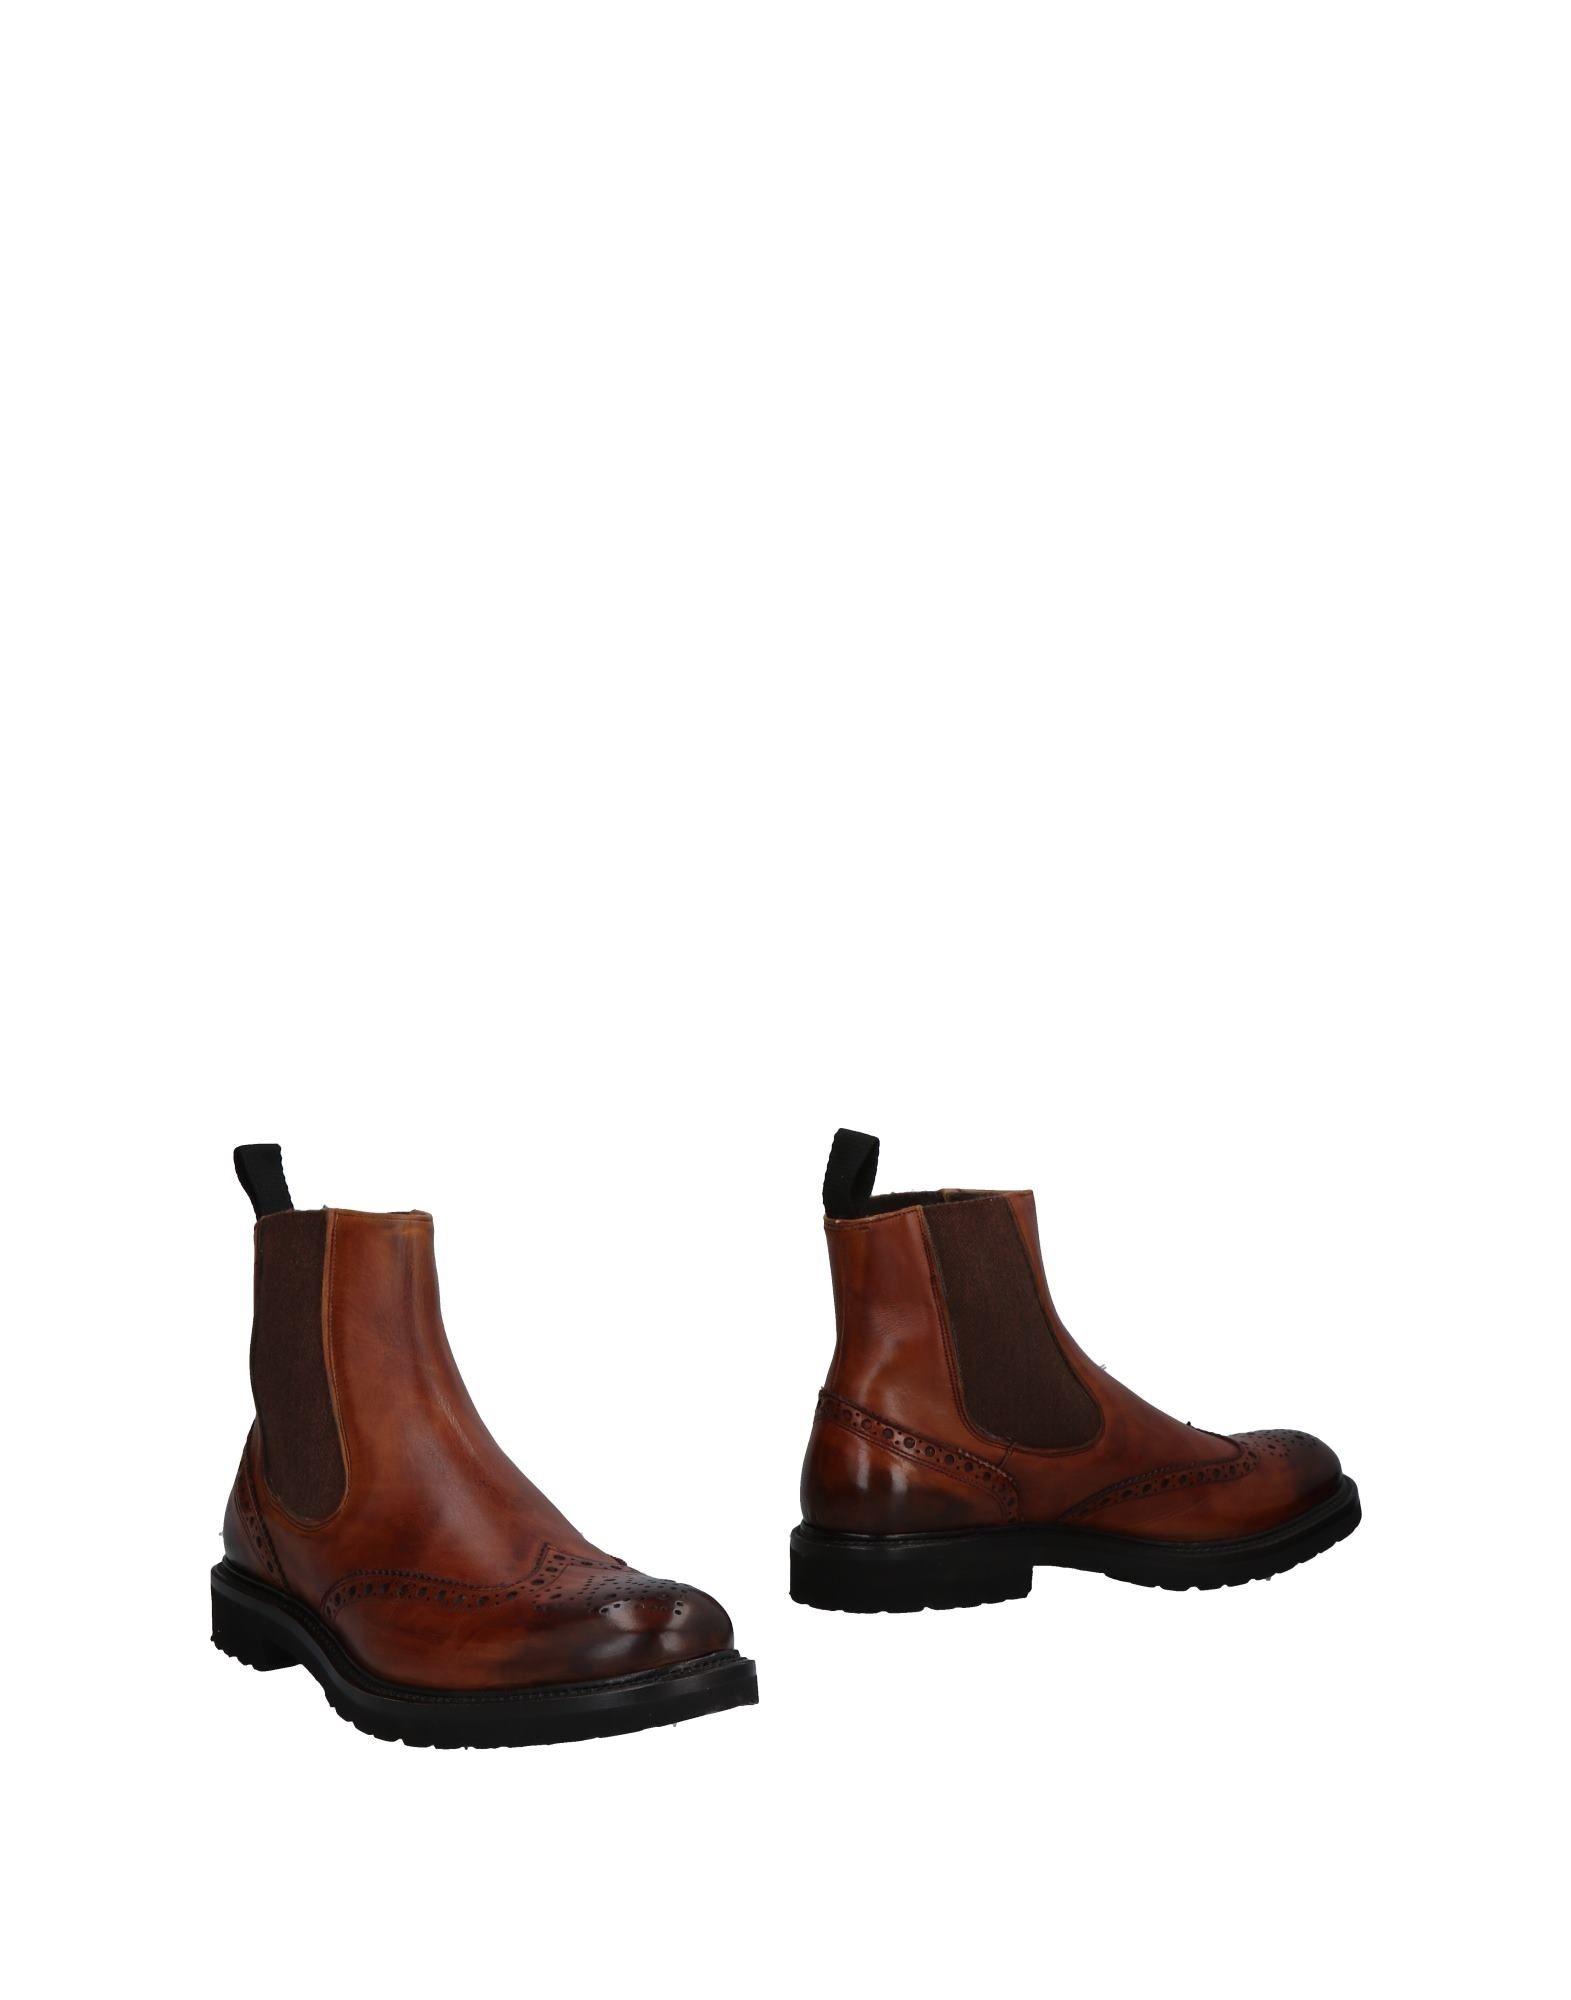 Claudio Marini Stiefelette Herren beliebte  11492014CB Gute Qualität beliebte Herren Schuhe d6fdd3